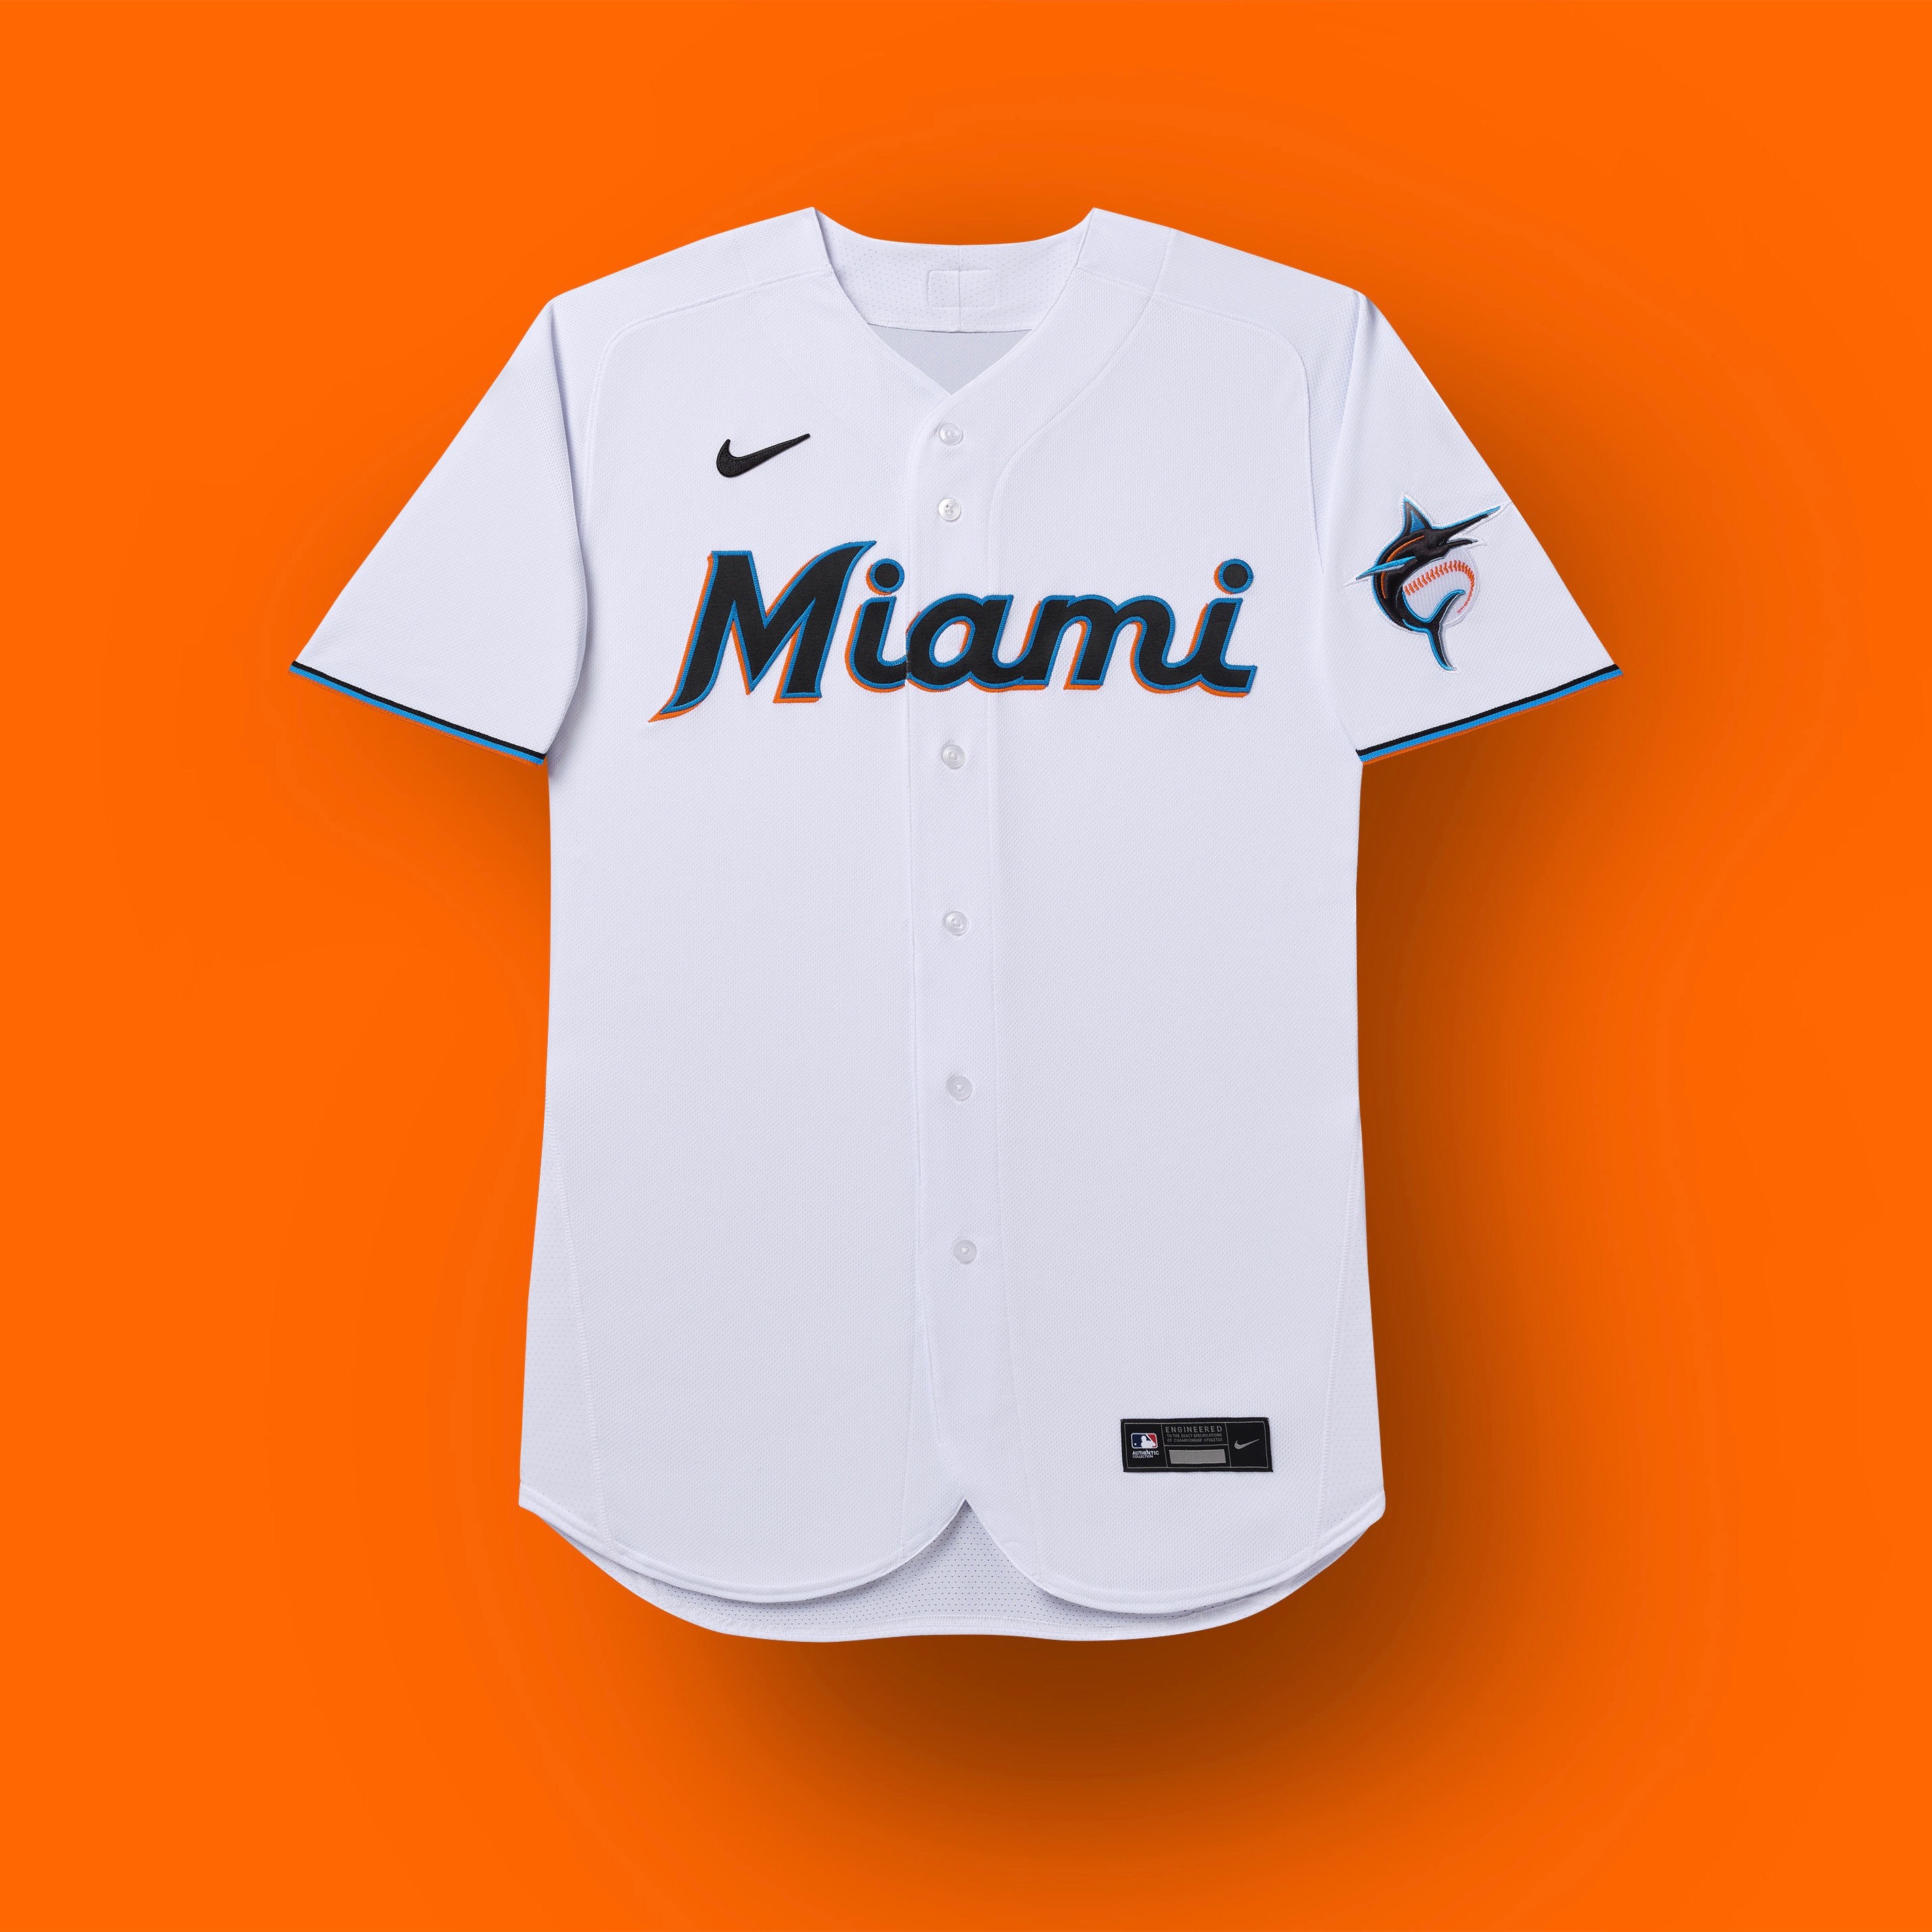 uniforme de miami marlins 2020